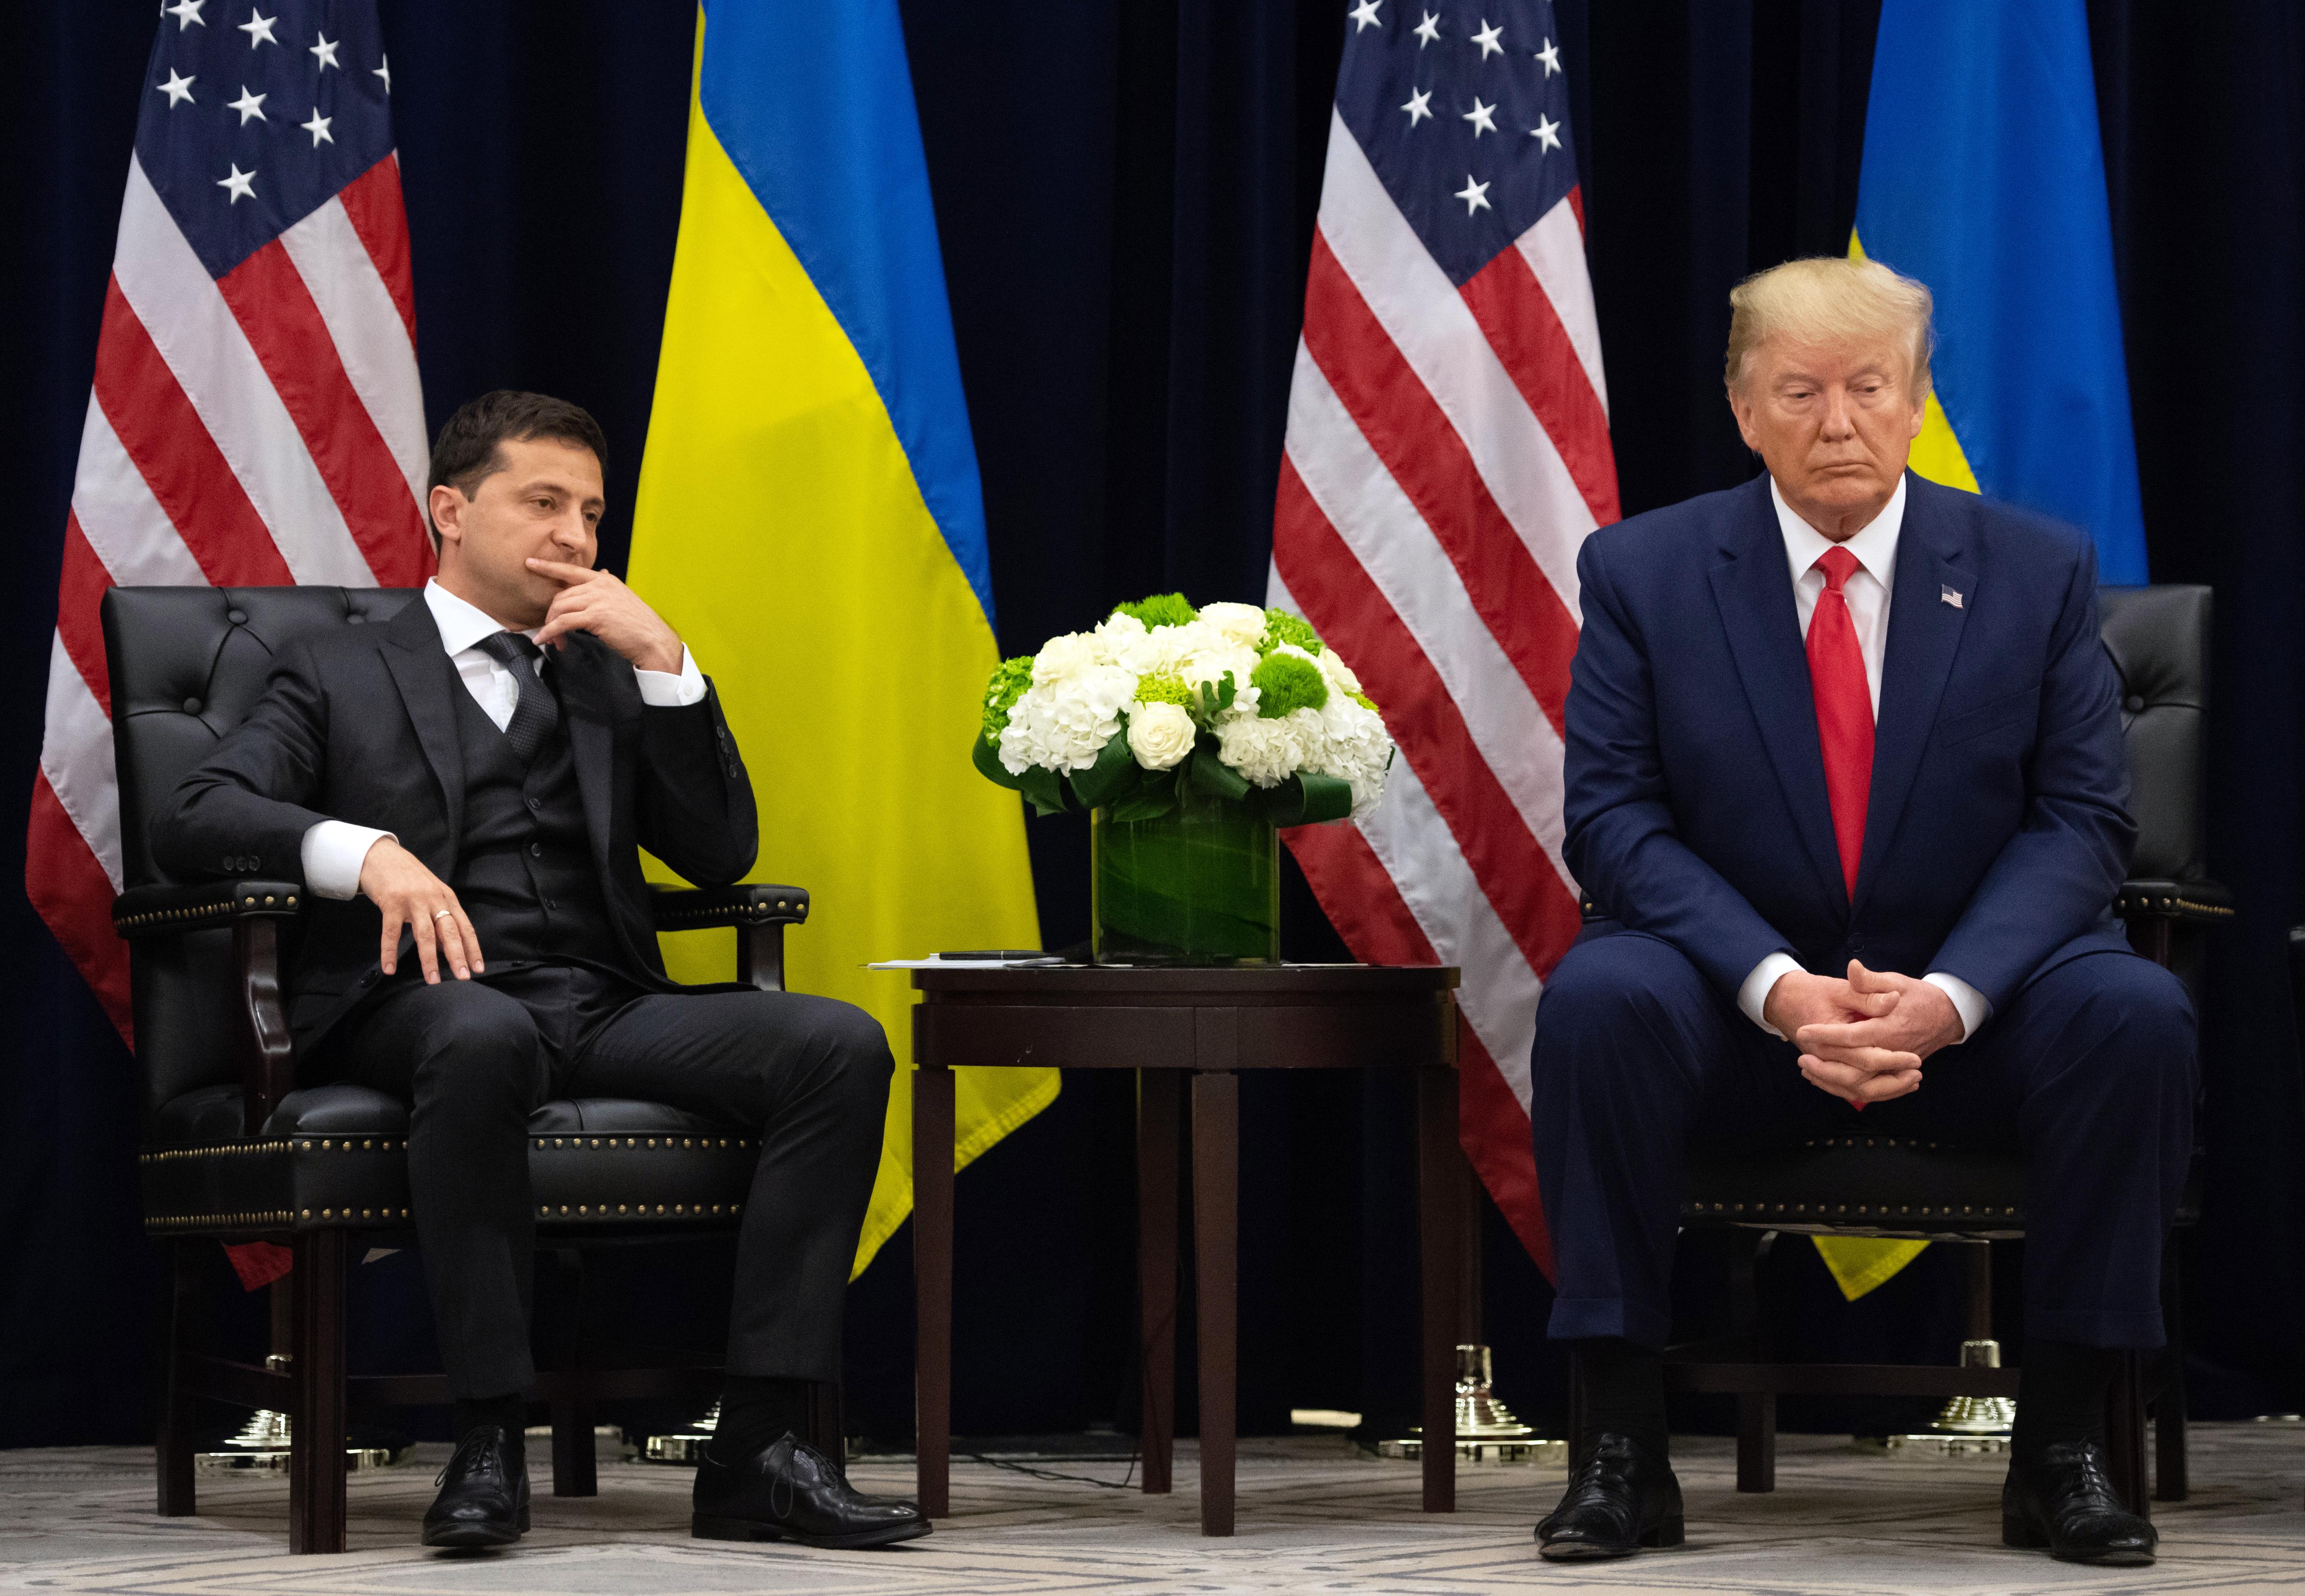 Trumpnak majdnem összejött Ukrajna megzsarolása